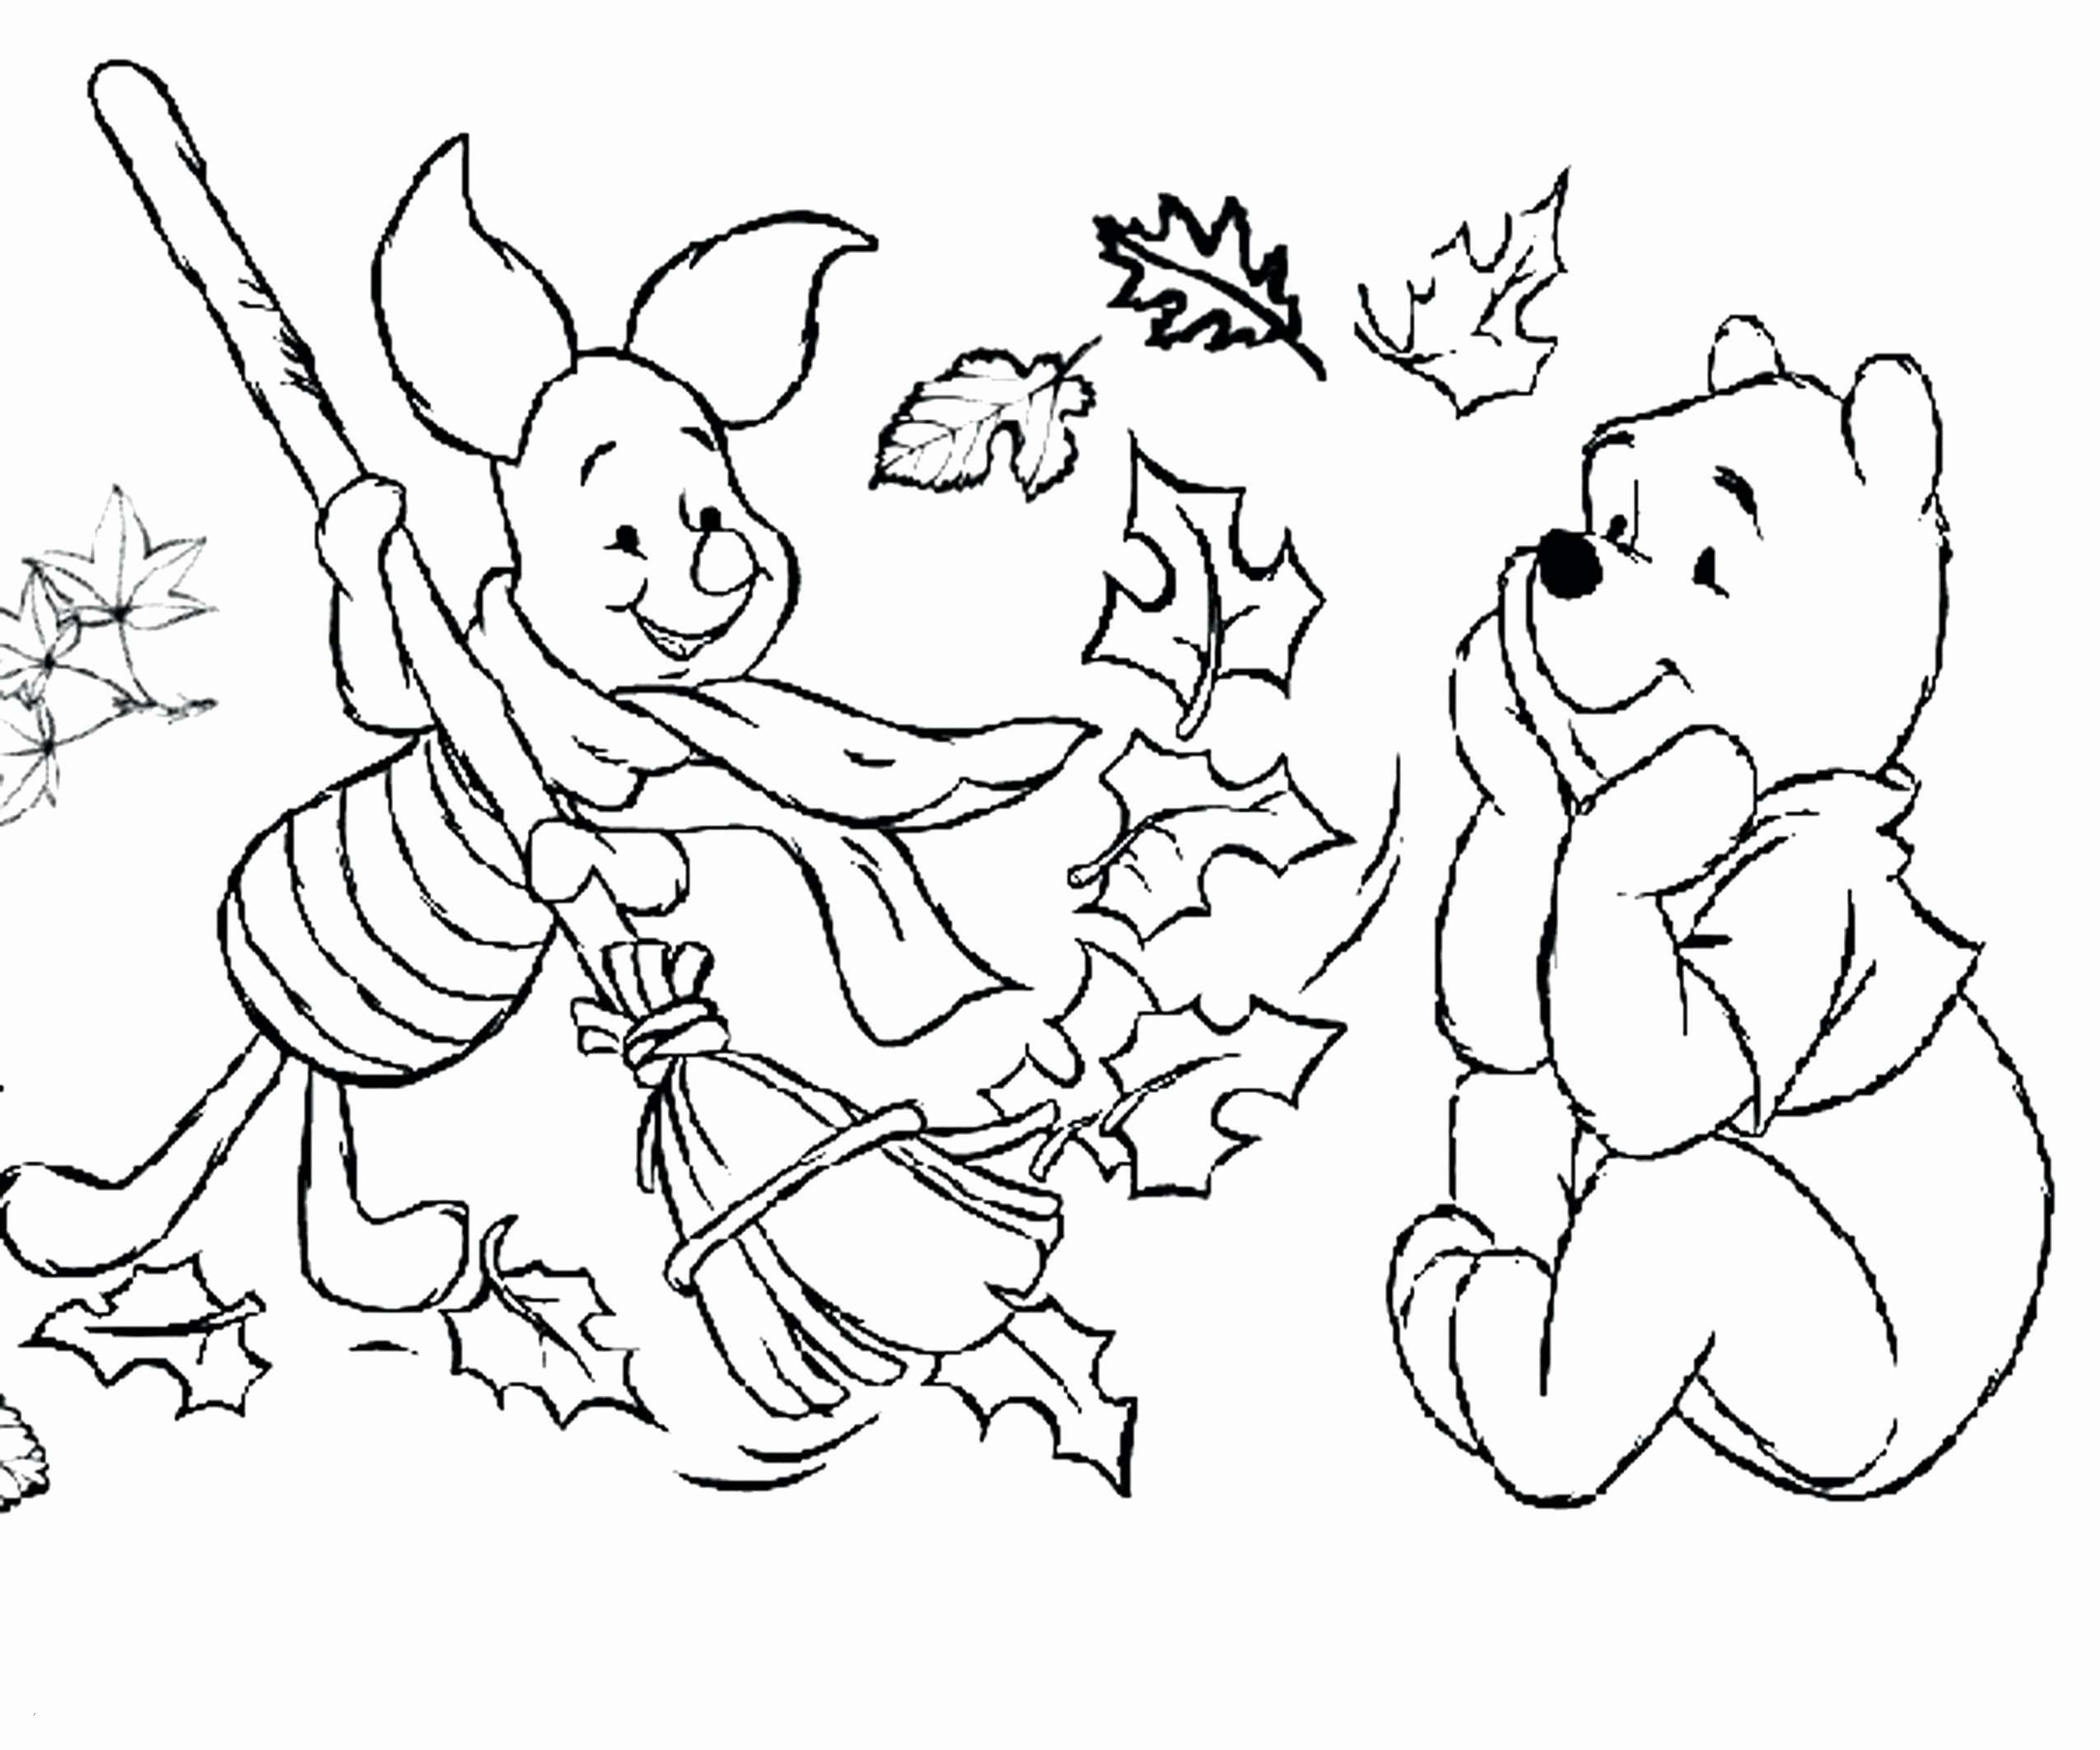 Ausmalbilder Winnie Pooh Und Seine Freunde Malvorlagen Frisch 37 Ausmalbilder Winnie Puuh Scoredatscore Best Freunde Bilder